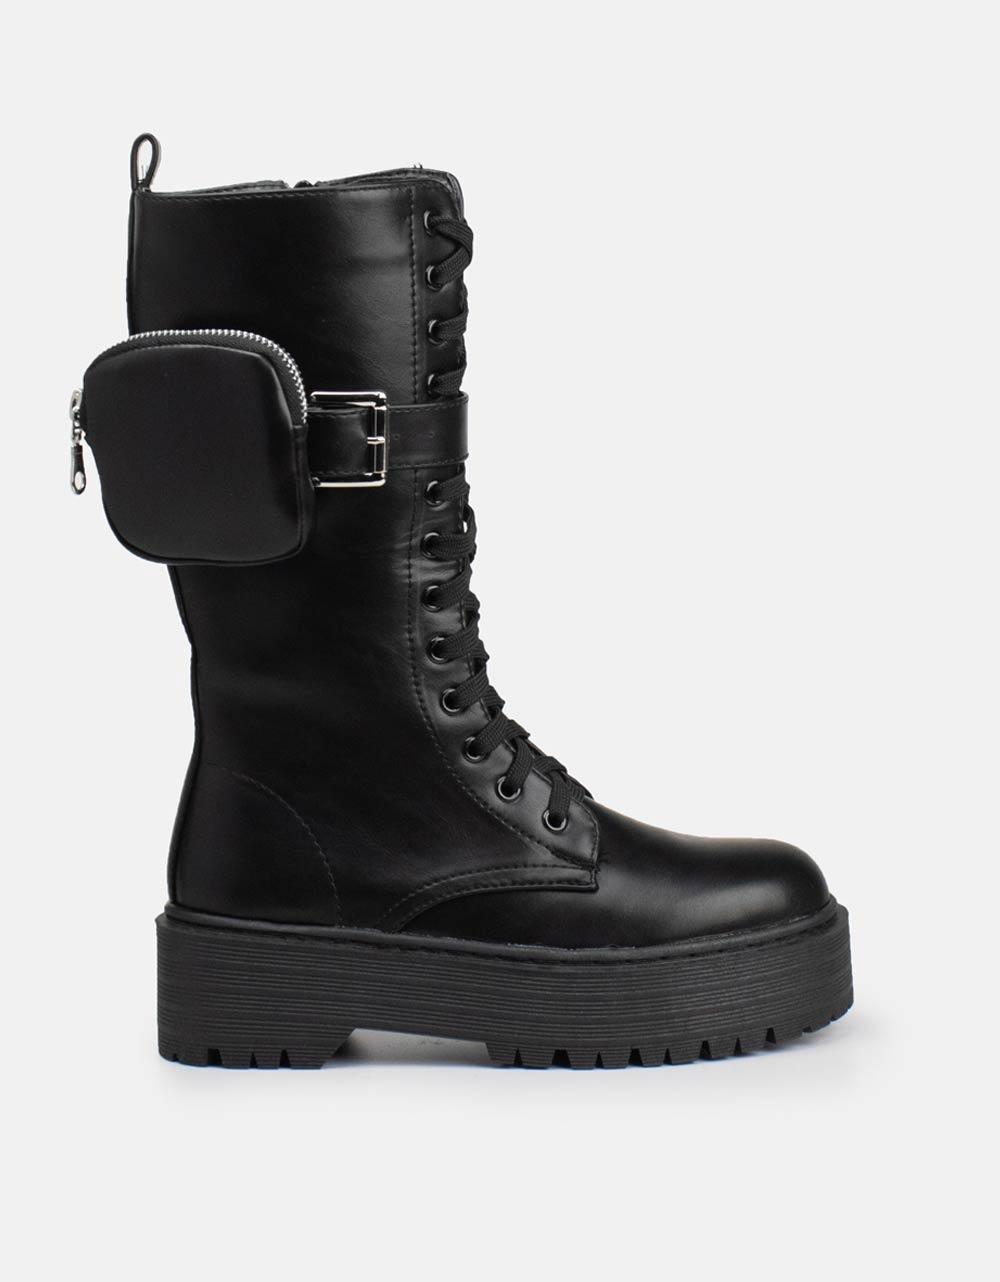 Εικόνα από Γυναικείες μπότες combat με χοντρή σόλα Μαύρο